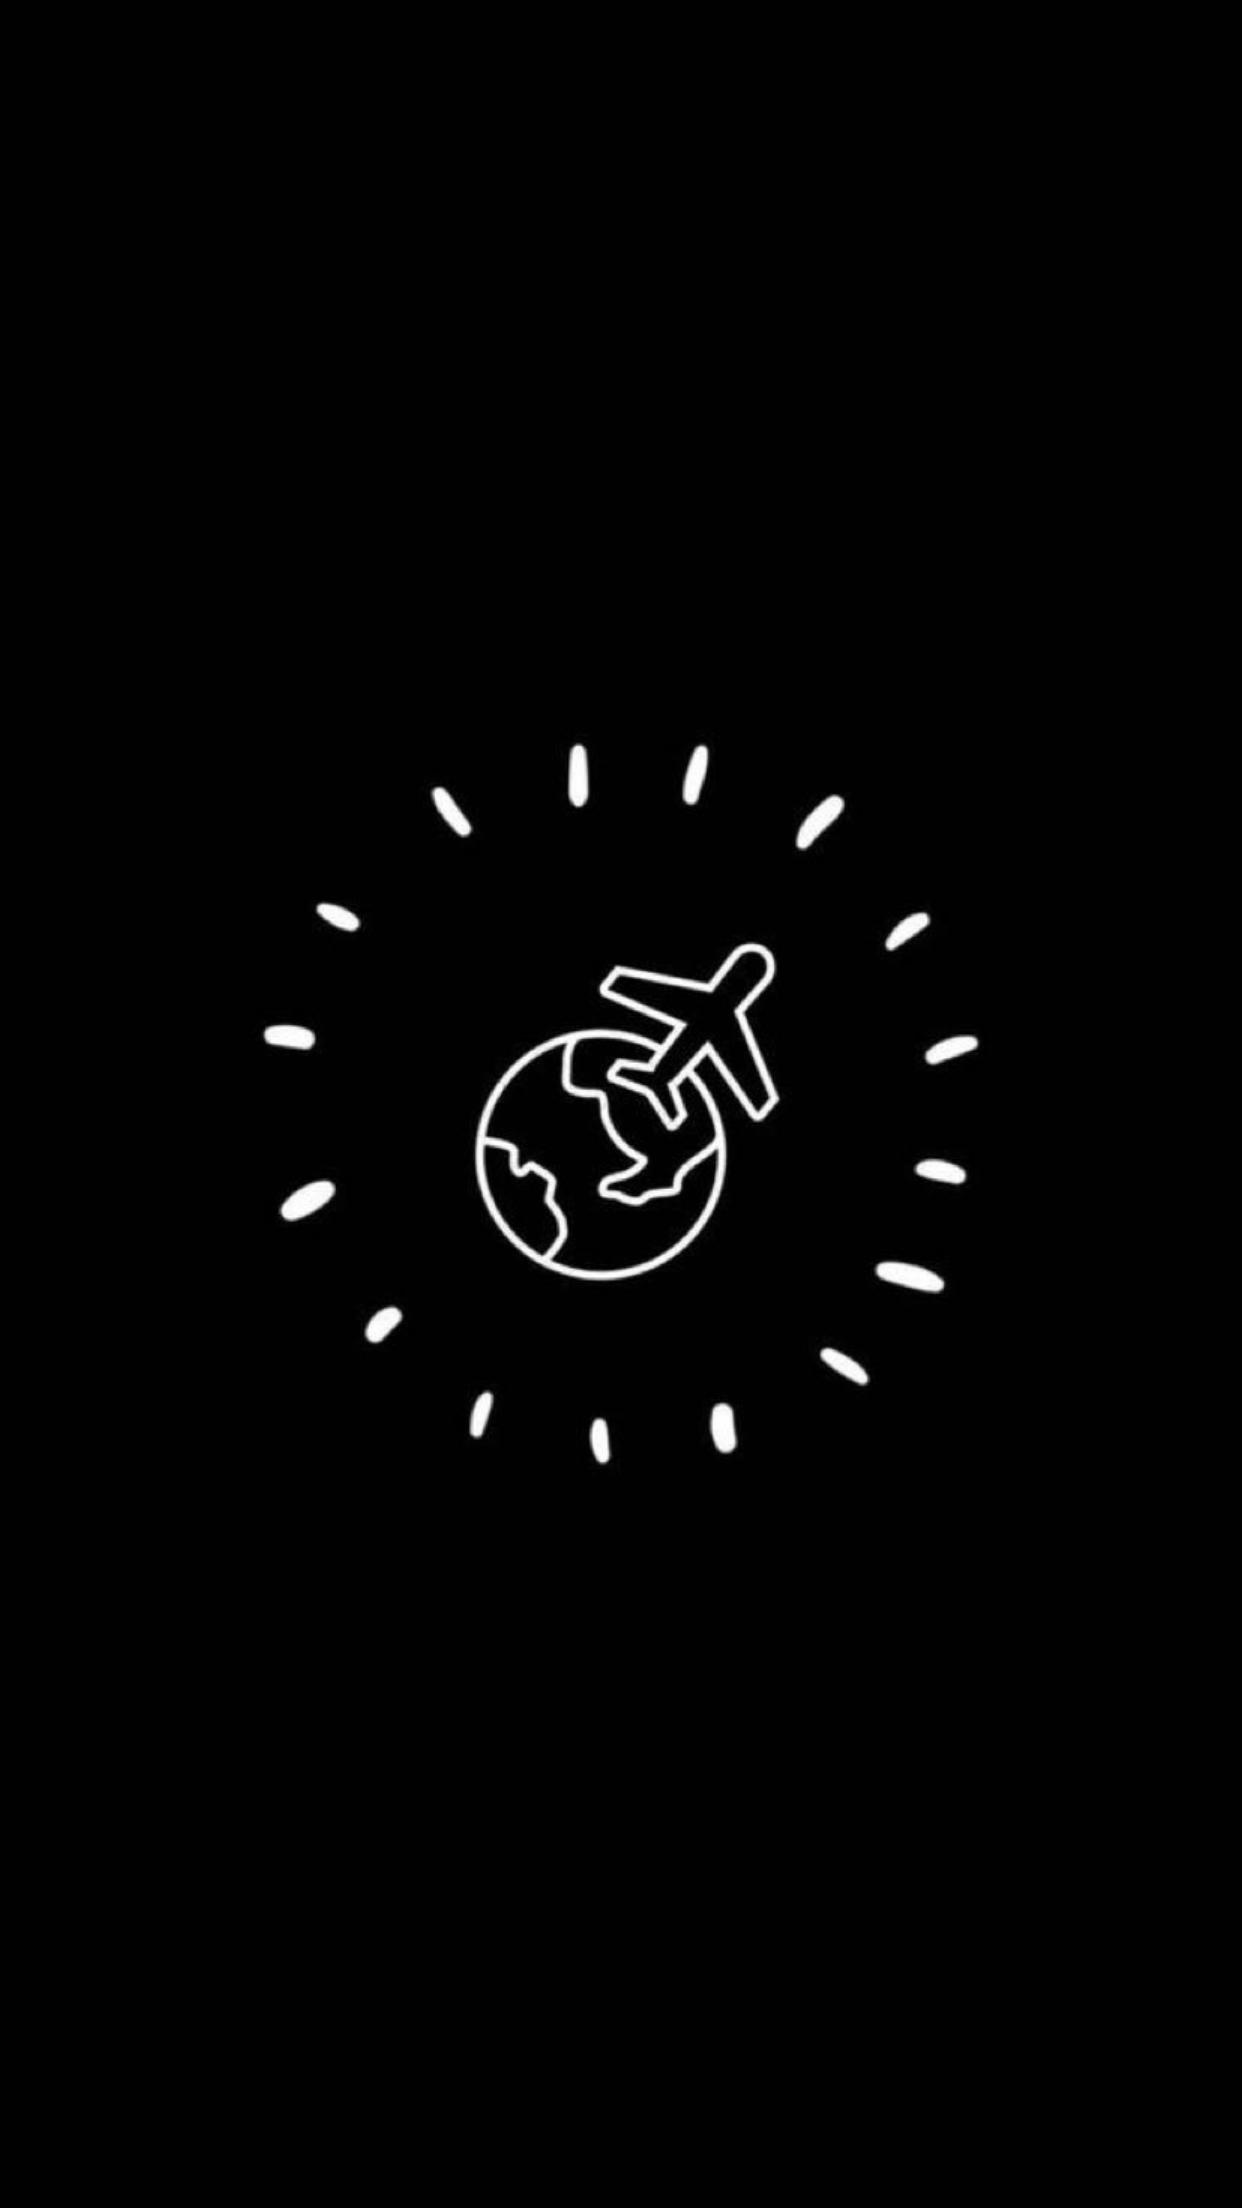 Epingle Par Tiara Devi Sur Sto A La Une En 2020 Icones Instagram Picto Instagram Themes Instagram